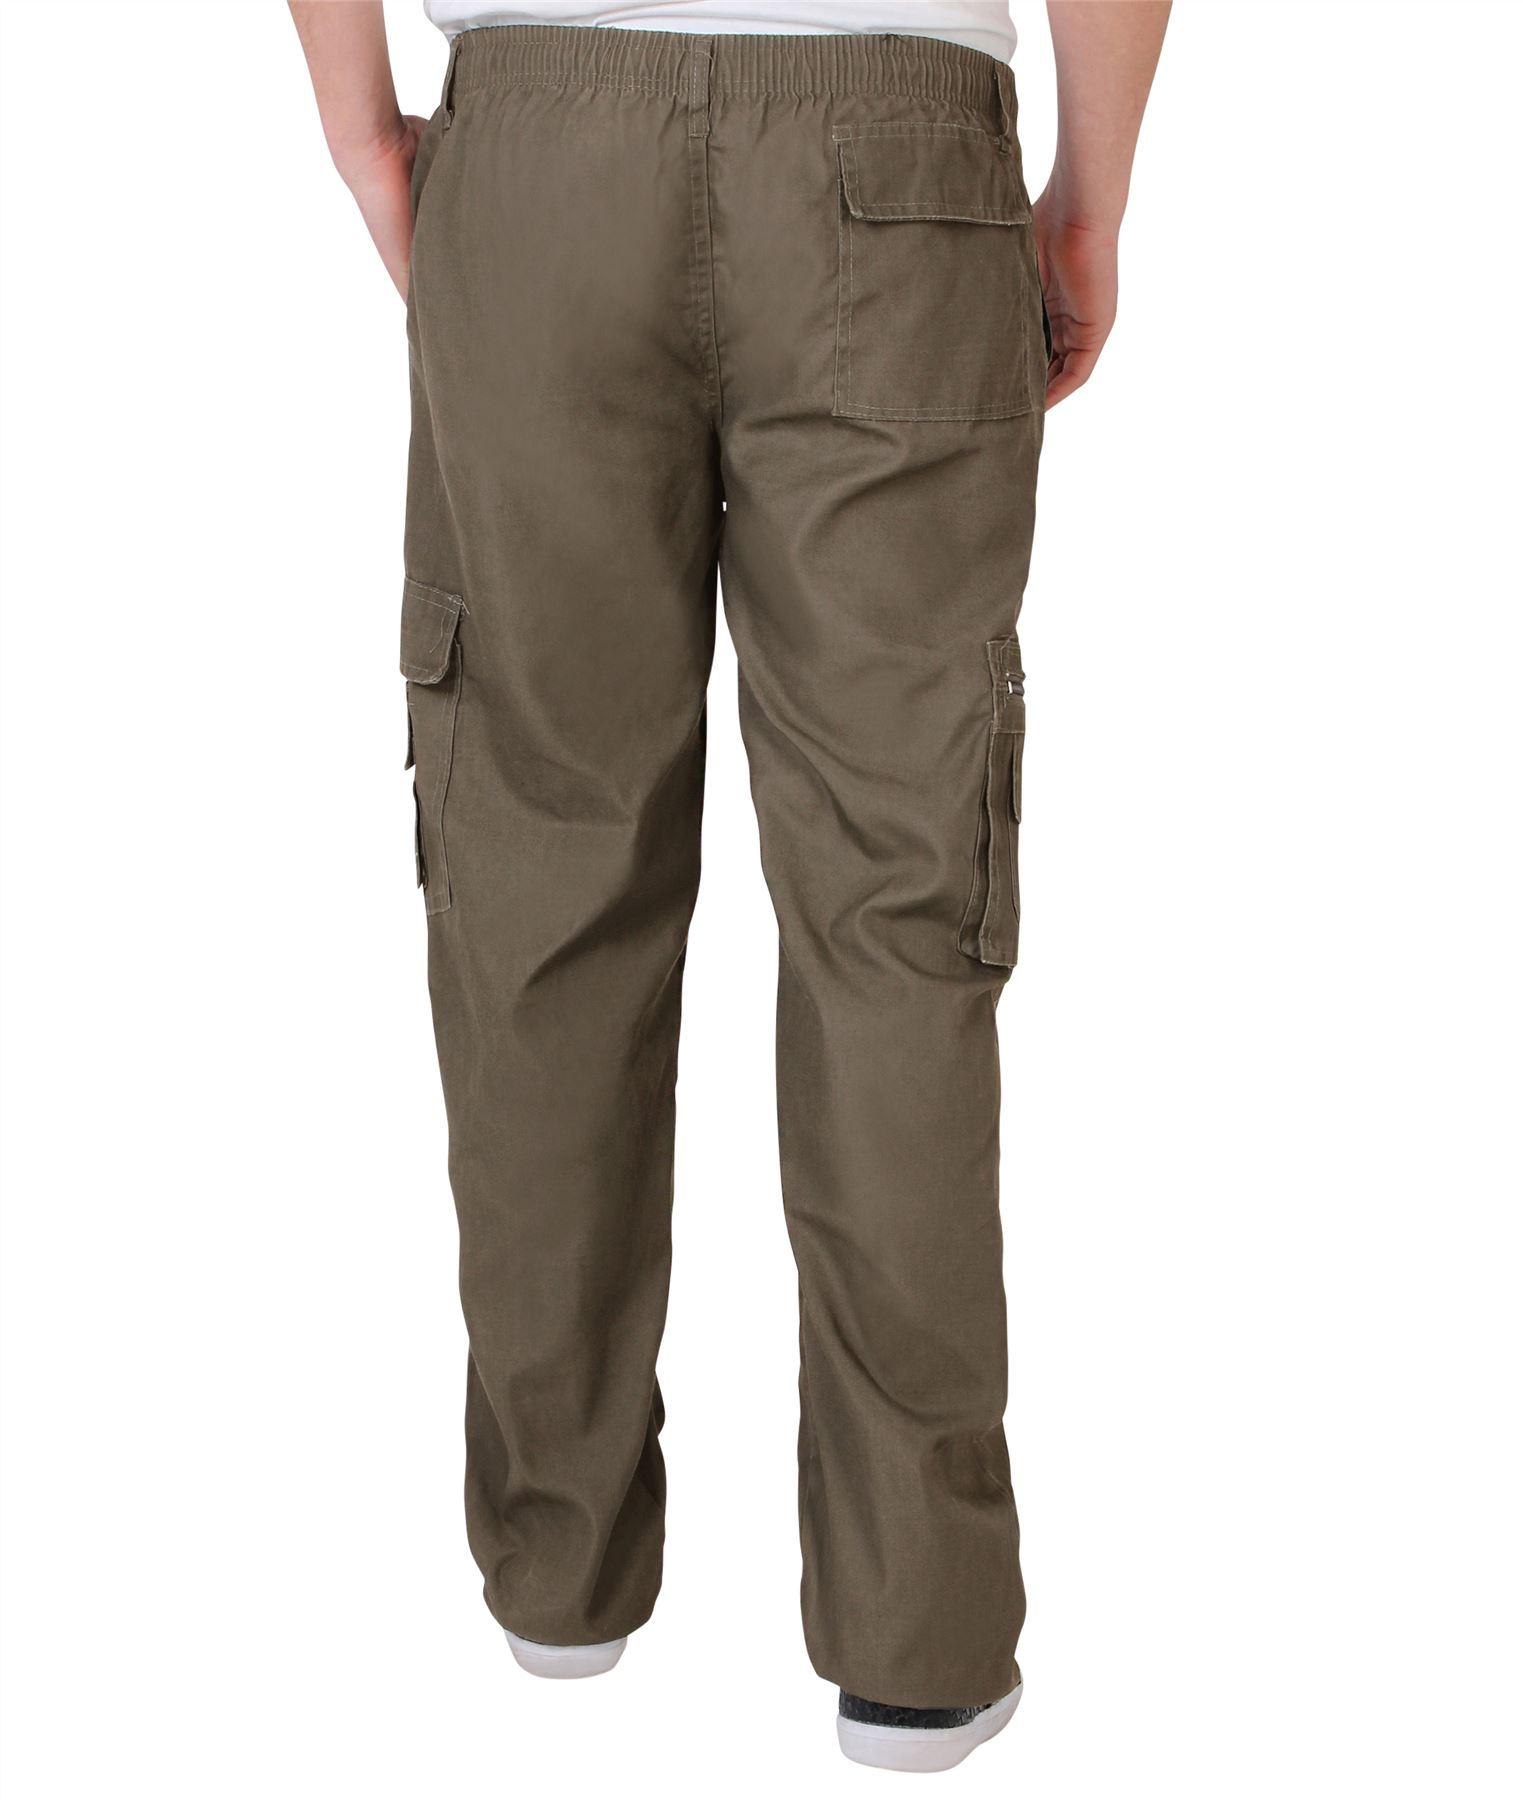 Uomo-Militare-Cargo-Pantaloni-Cotone-Lavoro-Chino-Casual-Kaki miniatura 34